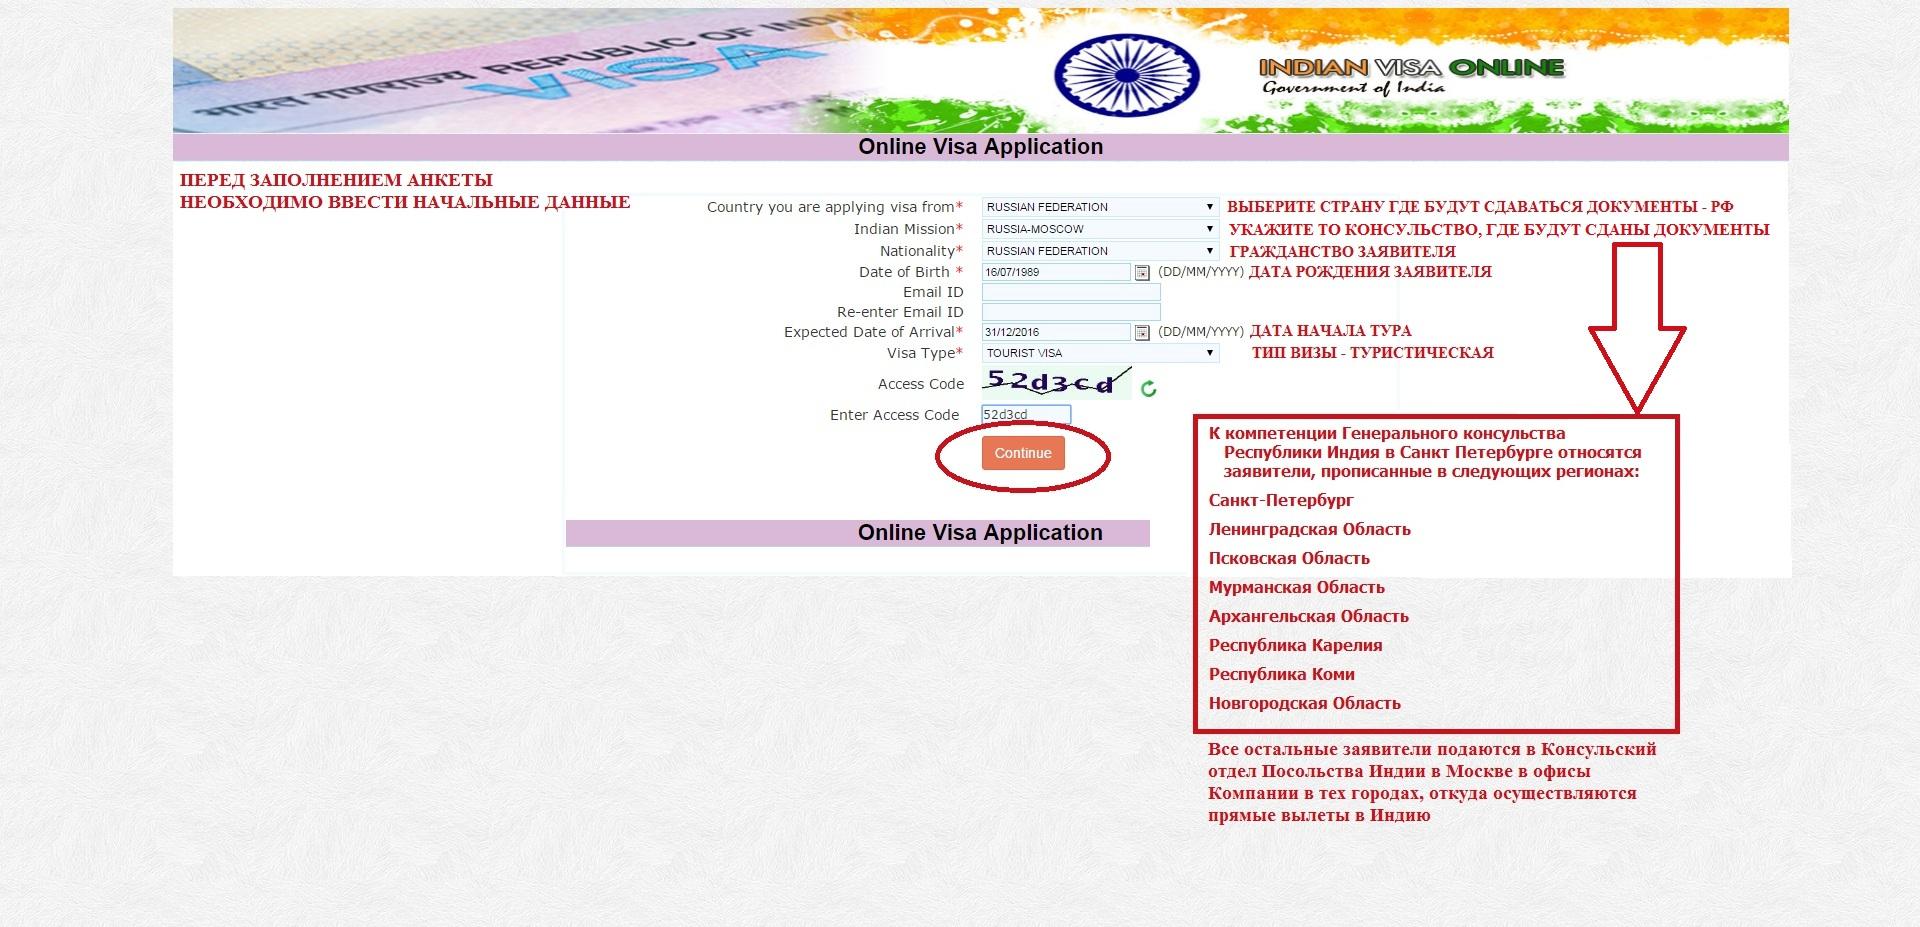 инструкция по заполнения паспорта архива организации